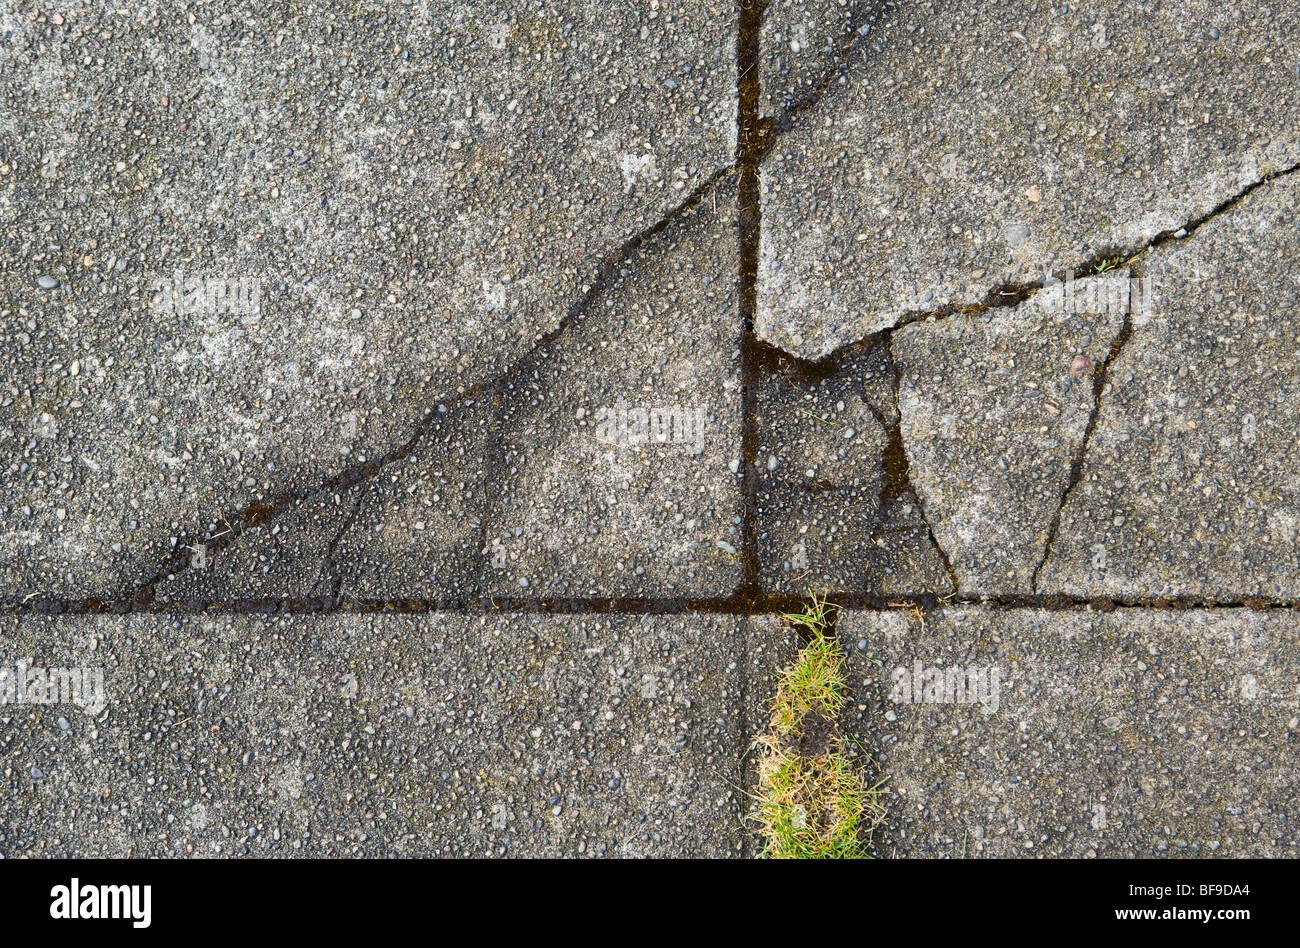 Risse in der Oberfläche einer konkreten Straße. Stockbild